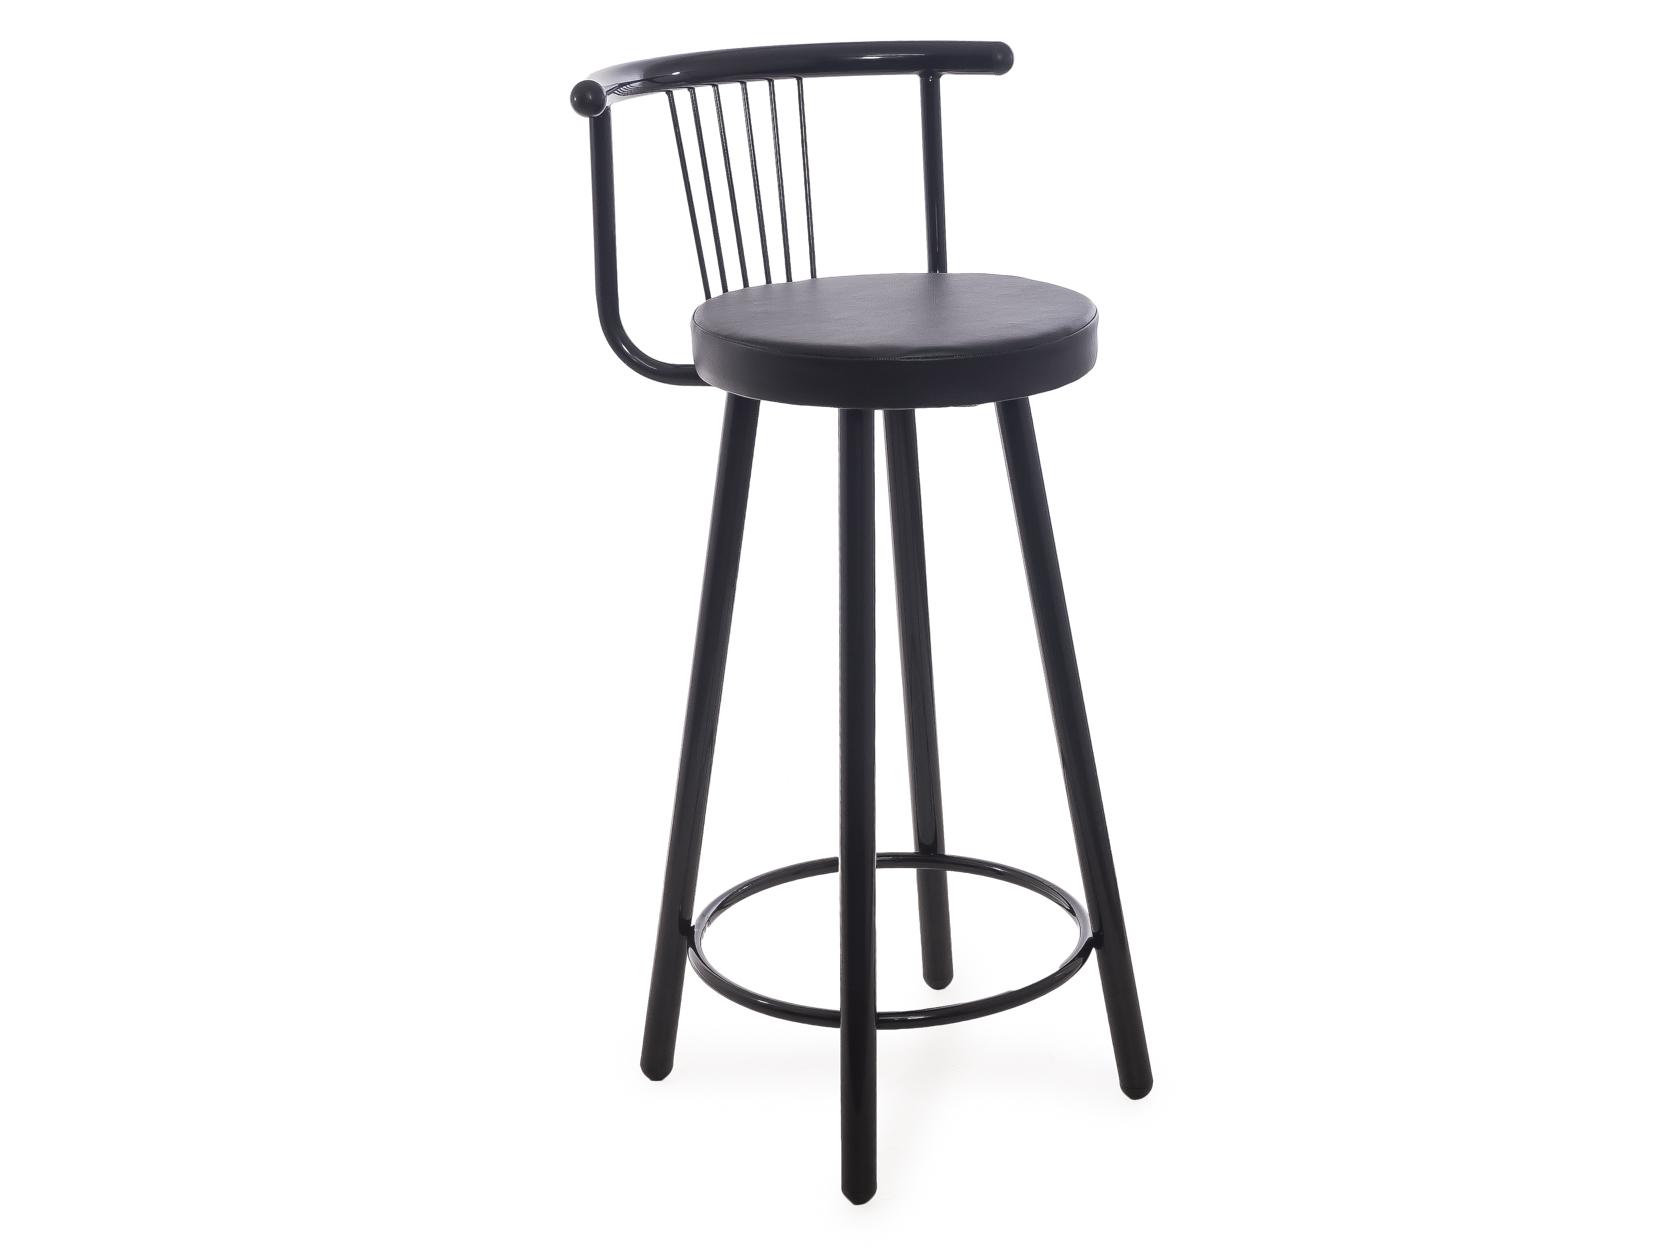 Мягкий барный стул для кухни 193-16125